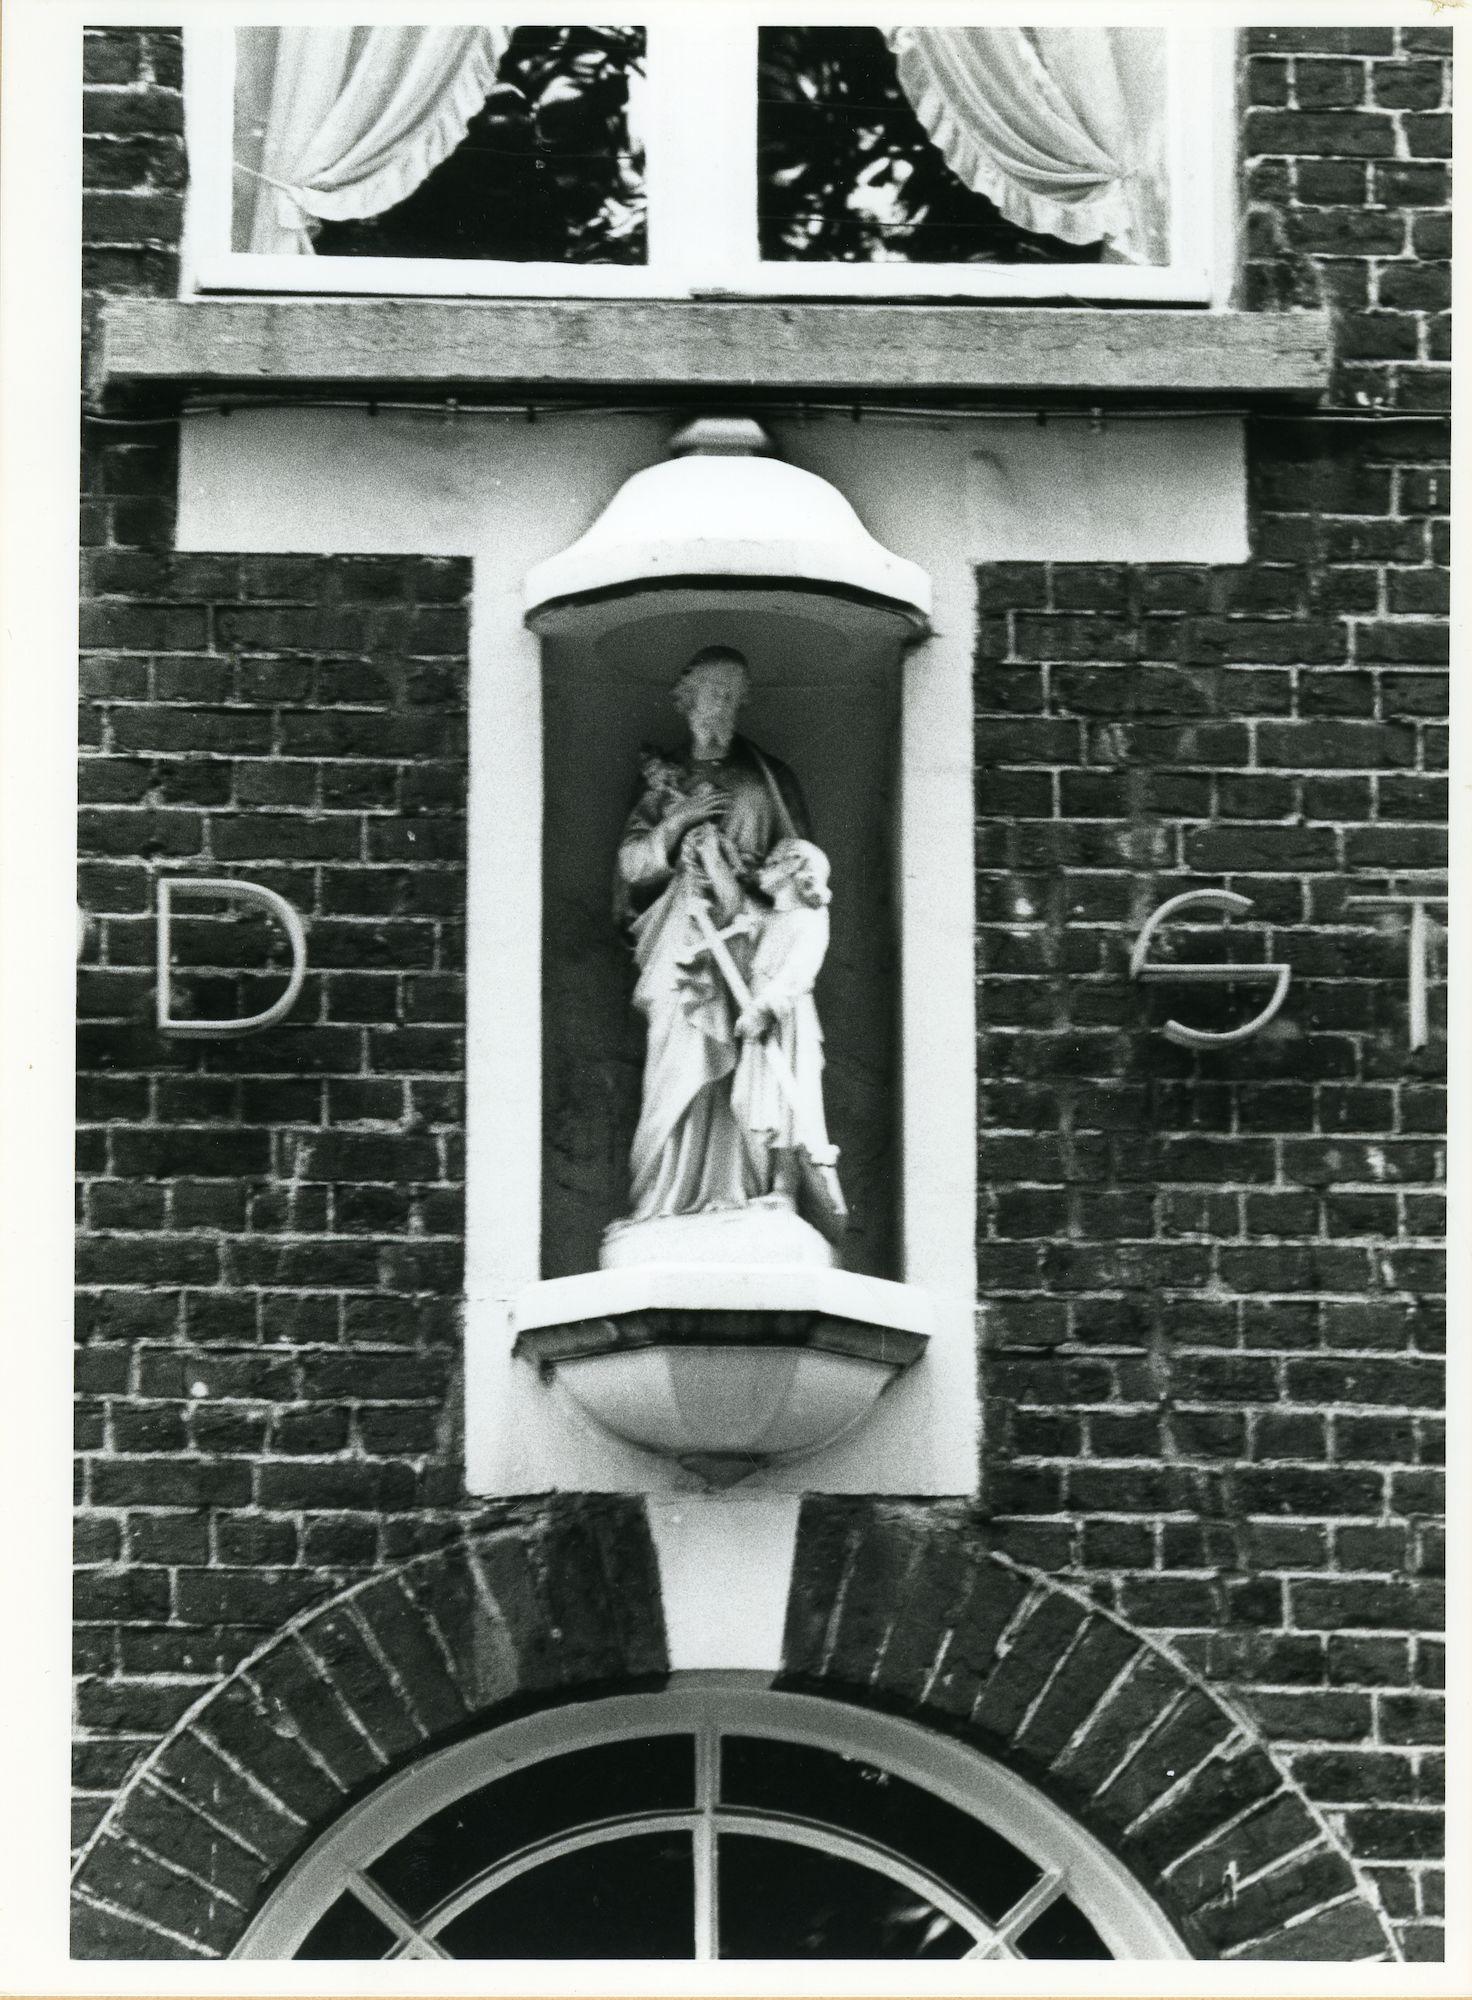 Wondelgem: Kerkdries 19: Gevelbeeld, 1980